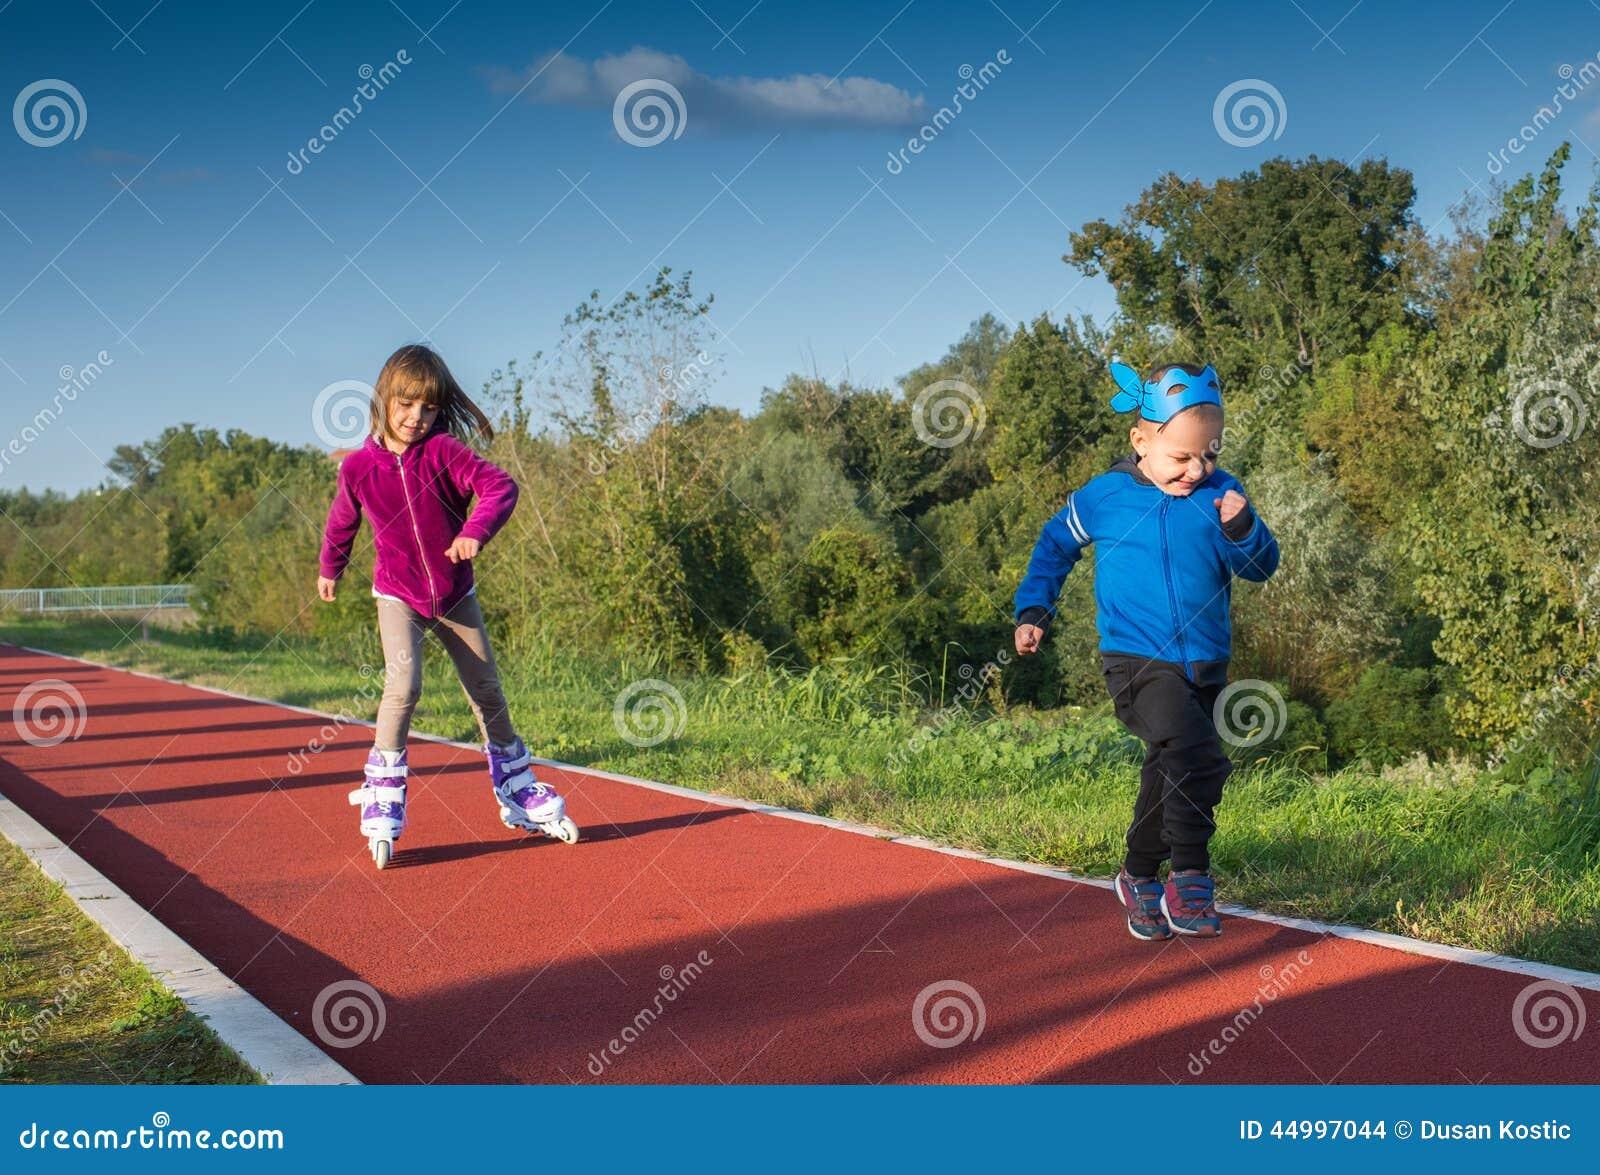 Children Running Stock Photo - Image: 44997044